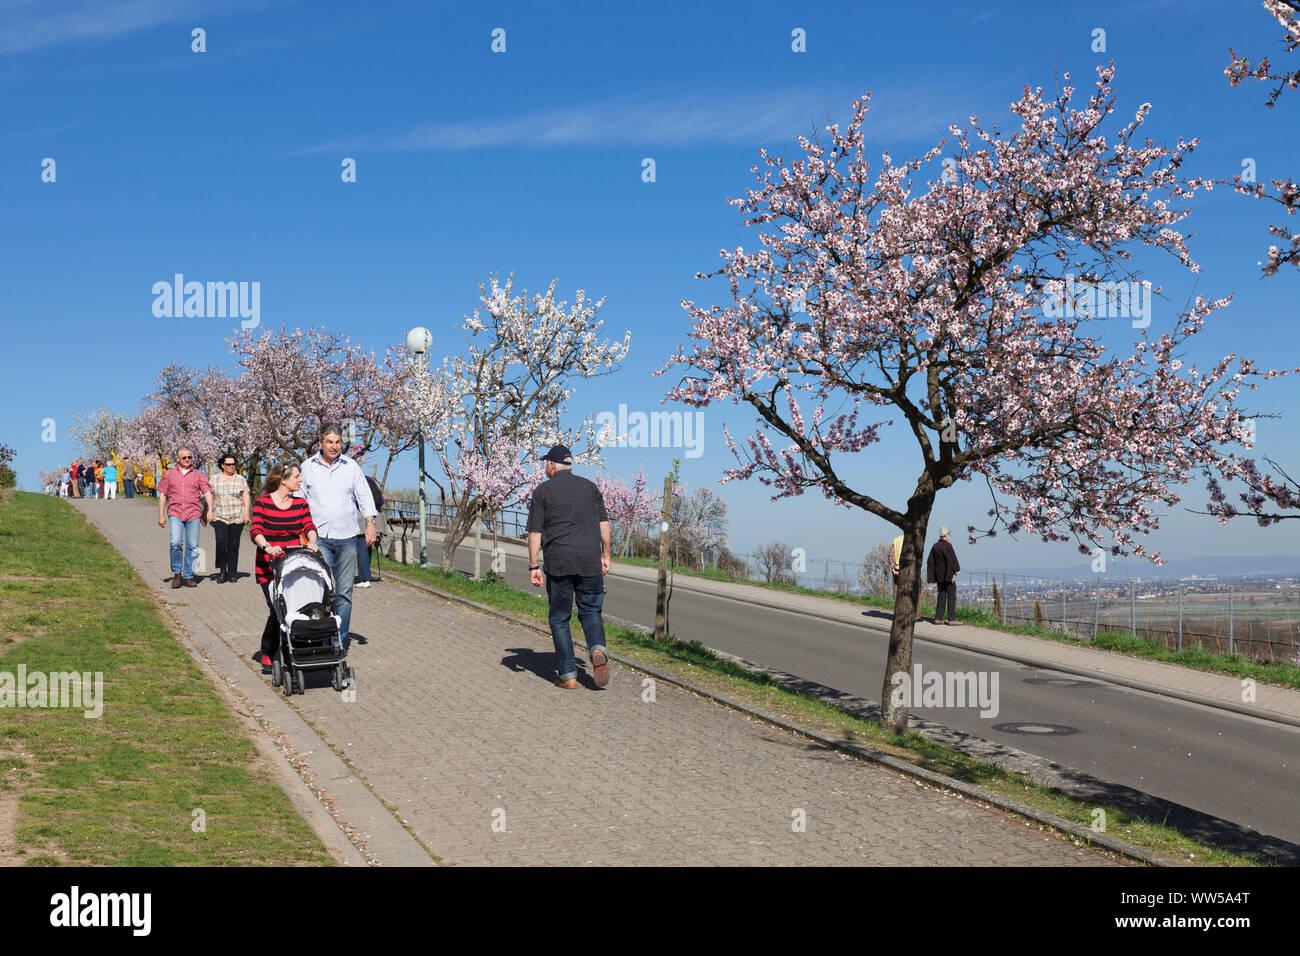 Almond blossom, Gimmeldingen, near Neustadt an der Weinstraße, German Wine Route, Rhineland-Palatinate, Germany Stock Photo